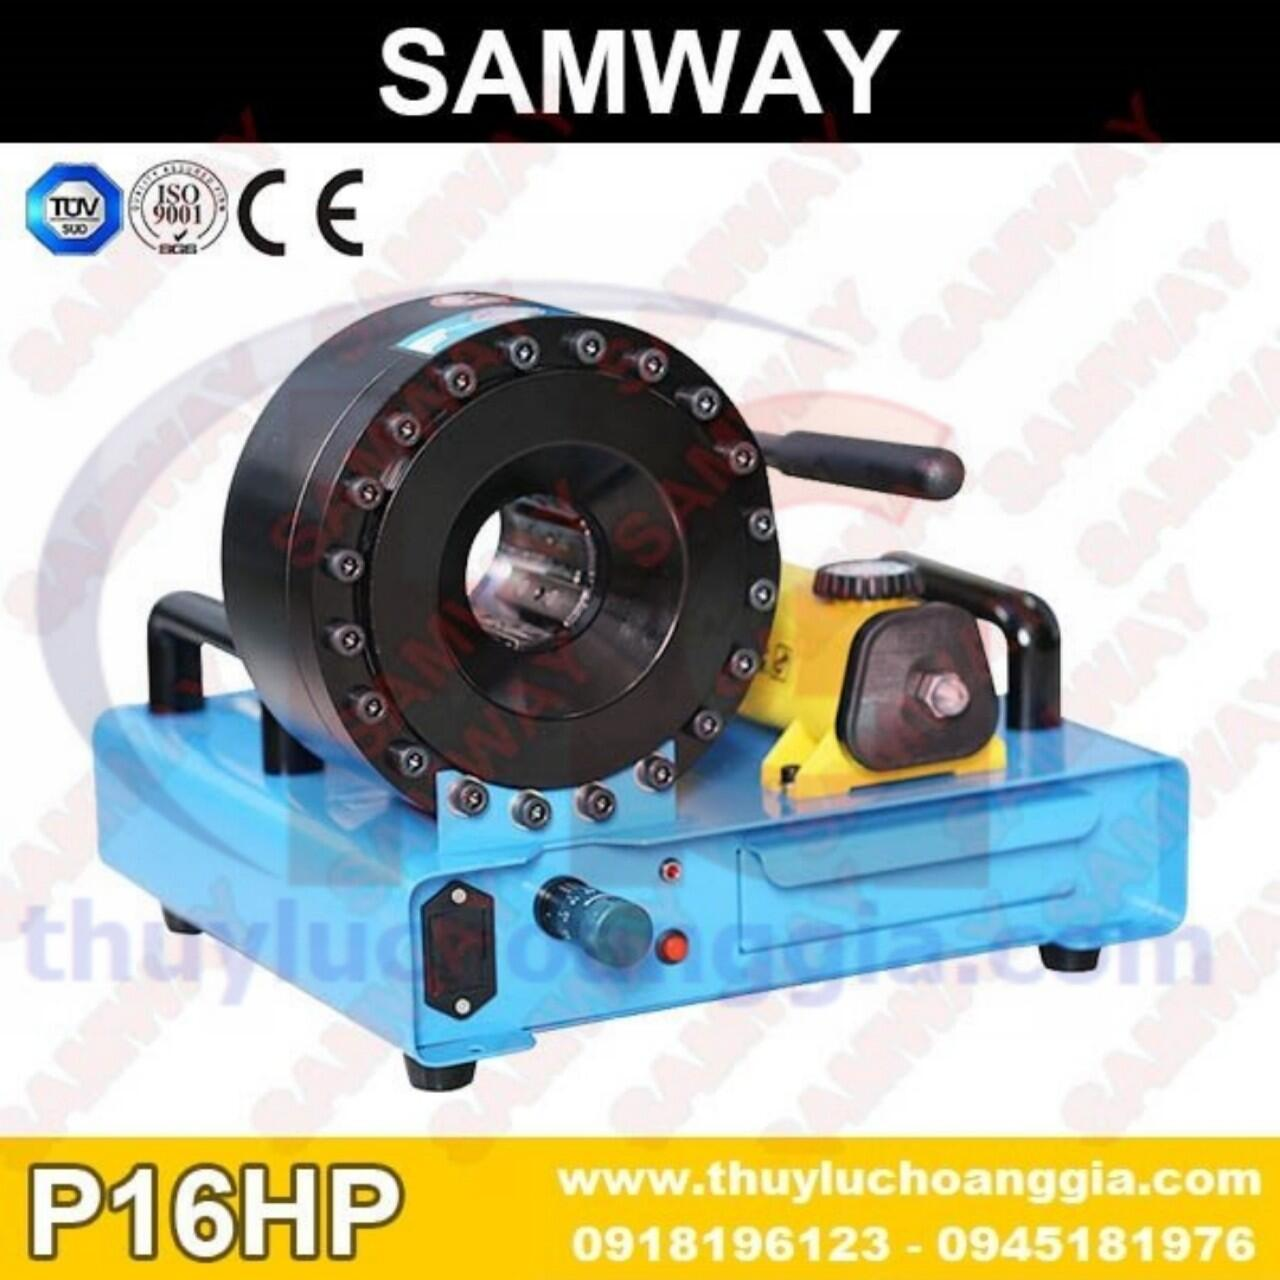 MÁY BÓP ỐNG THỦY LỰC SAMWAY P16HP